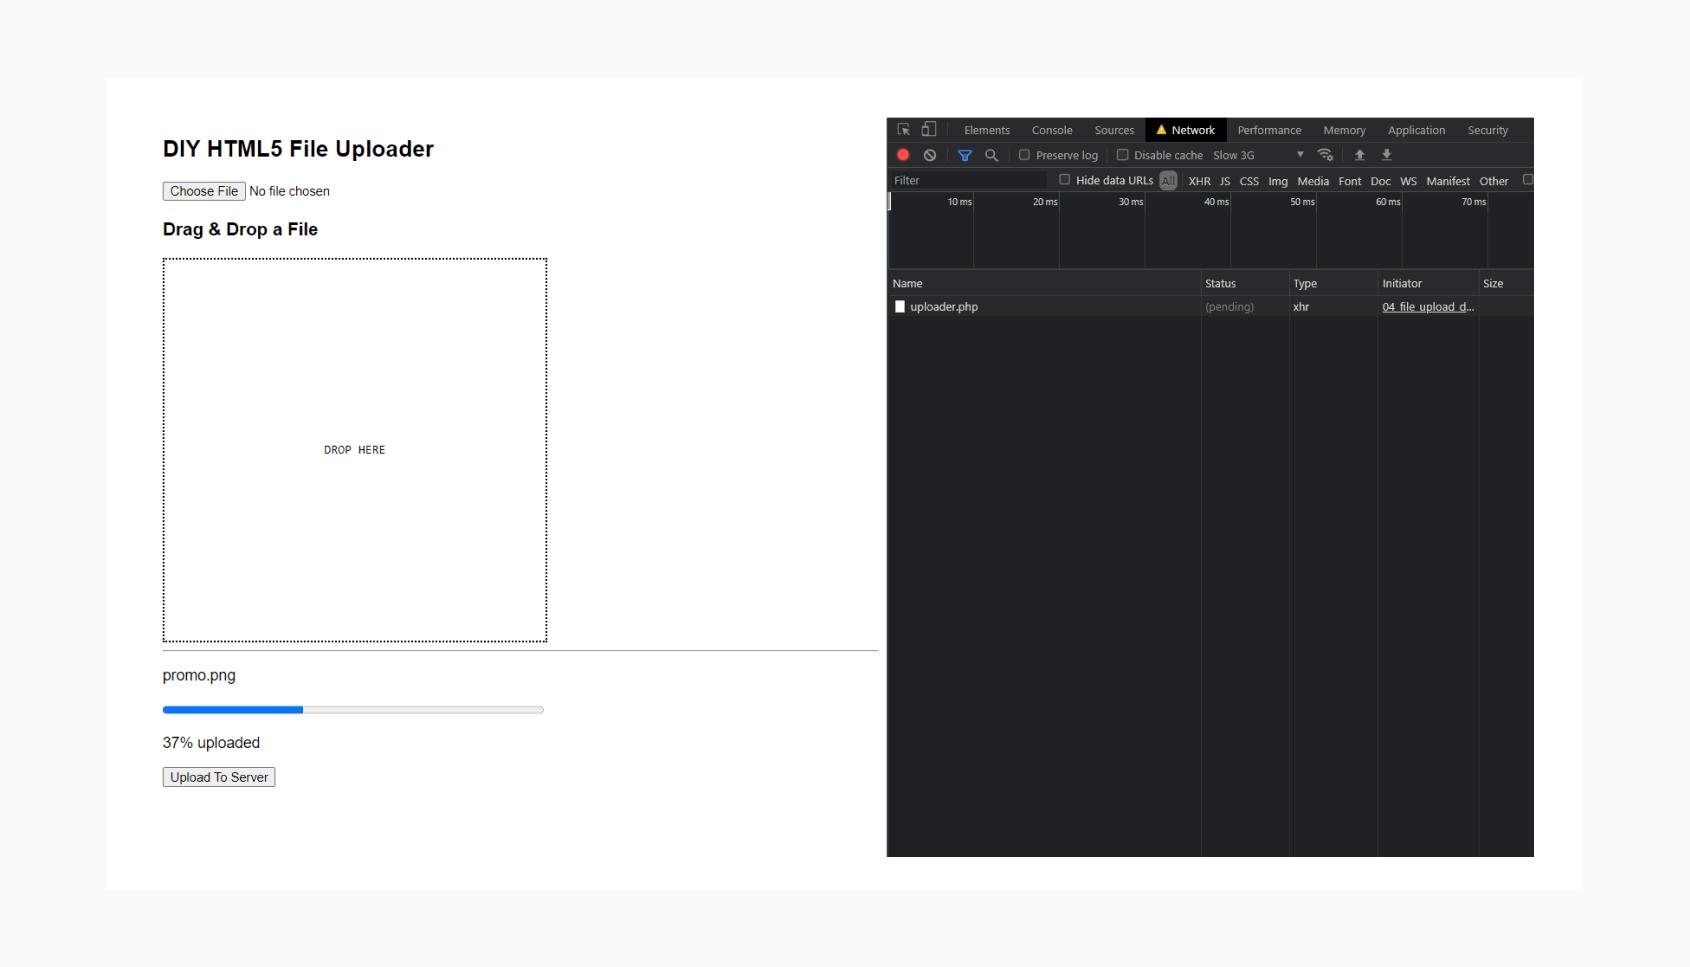 HTML5 Drag and Drop file uploader